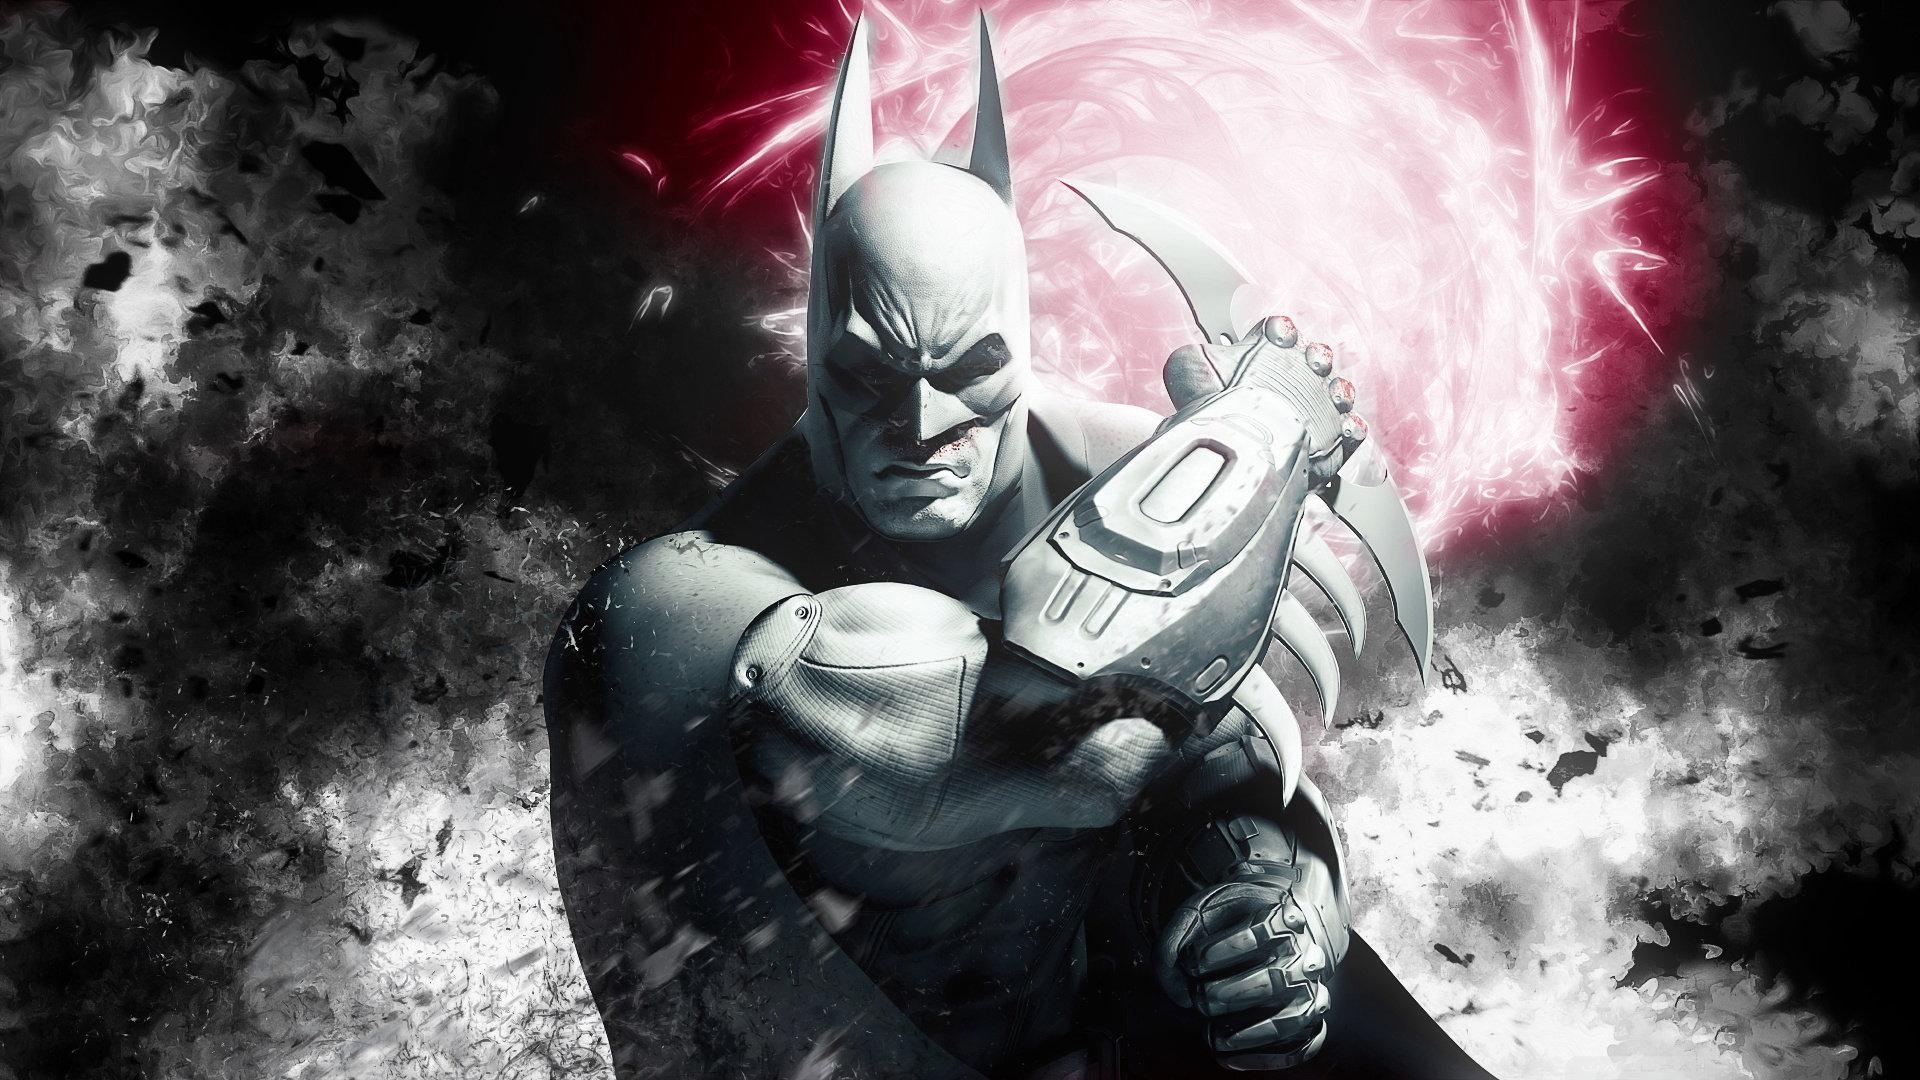 Batman Arkham City Wallpaper Hd 1920×1080 #21880 HD Wallpaper Res ...